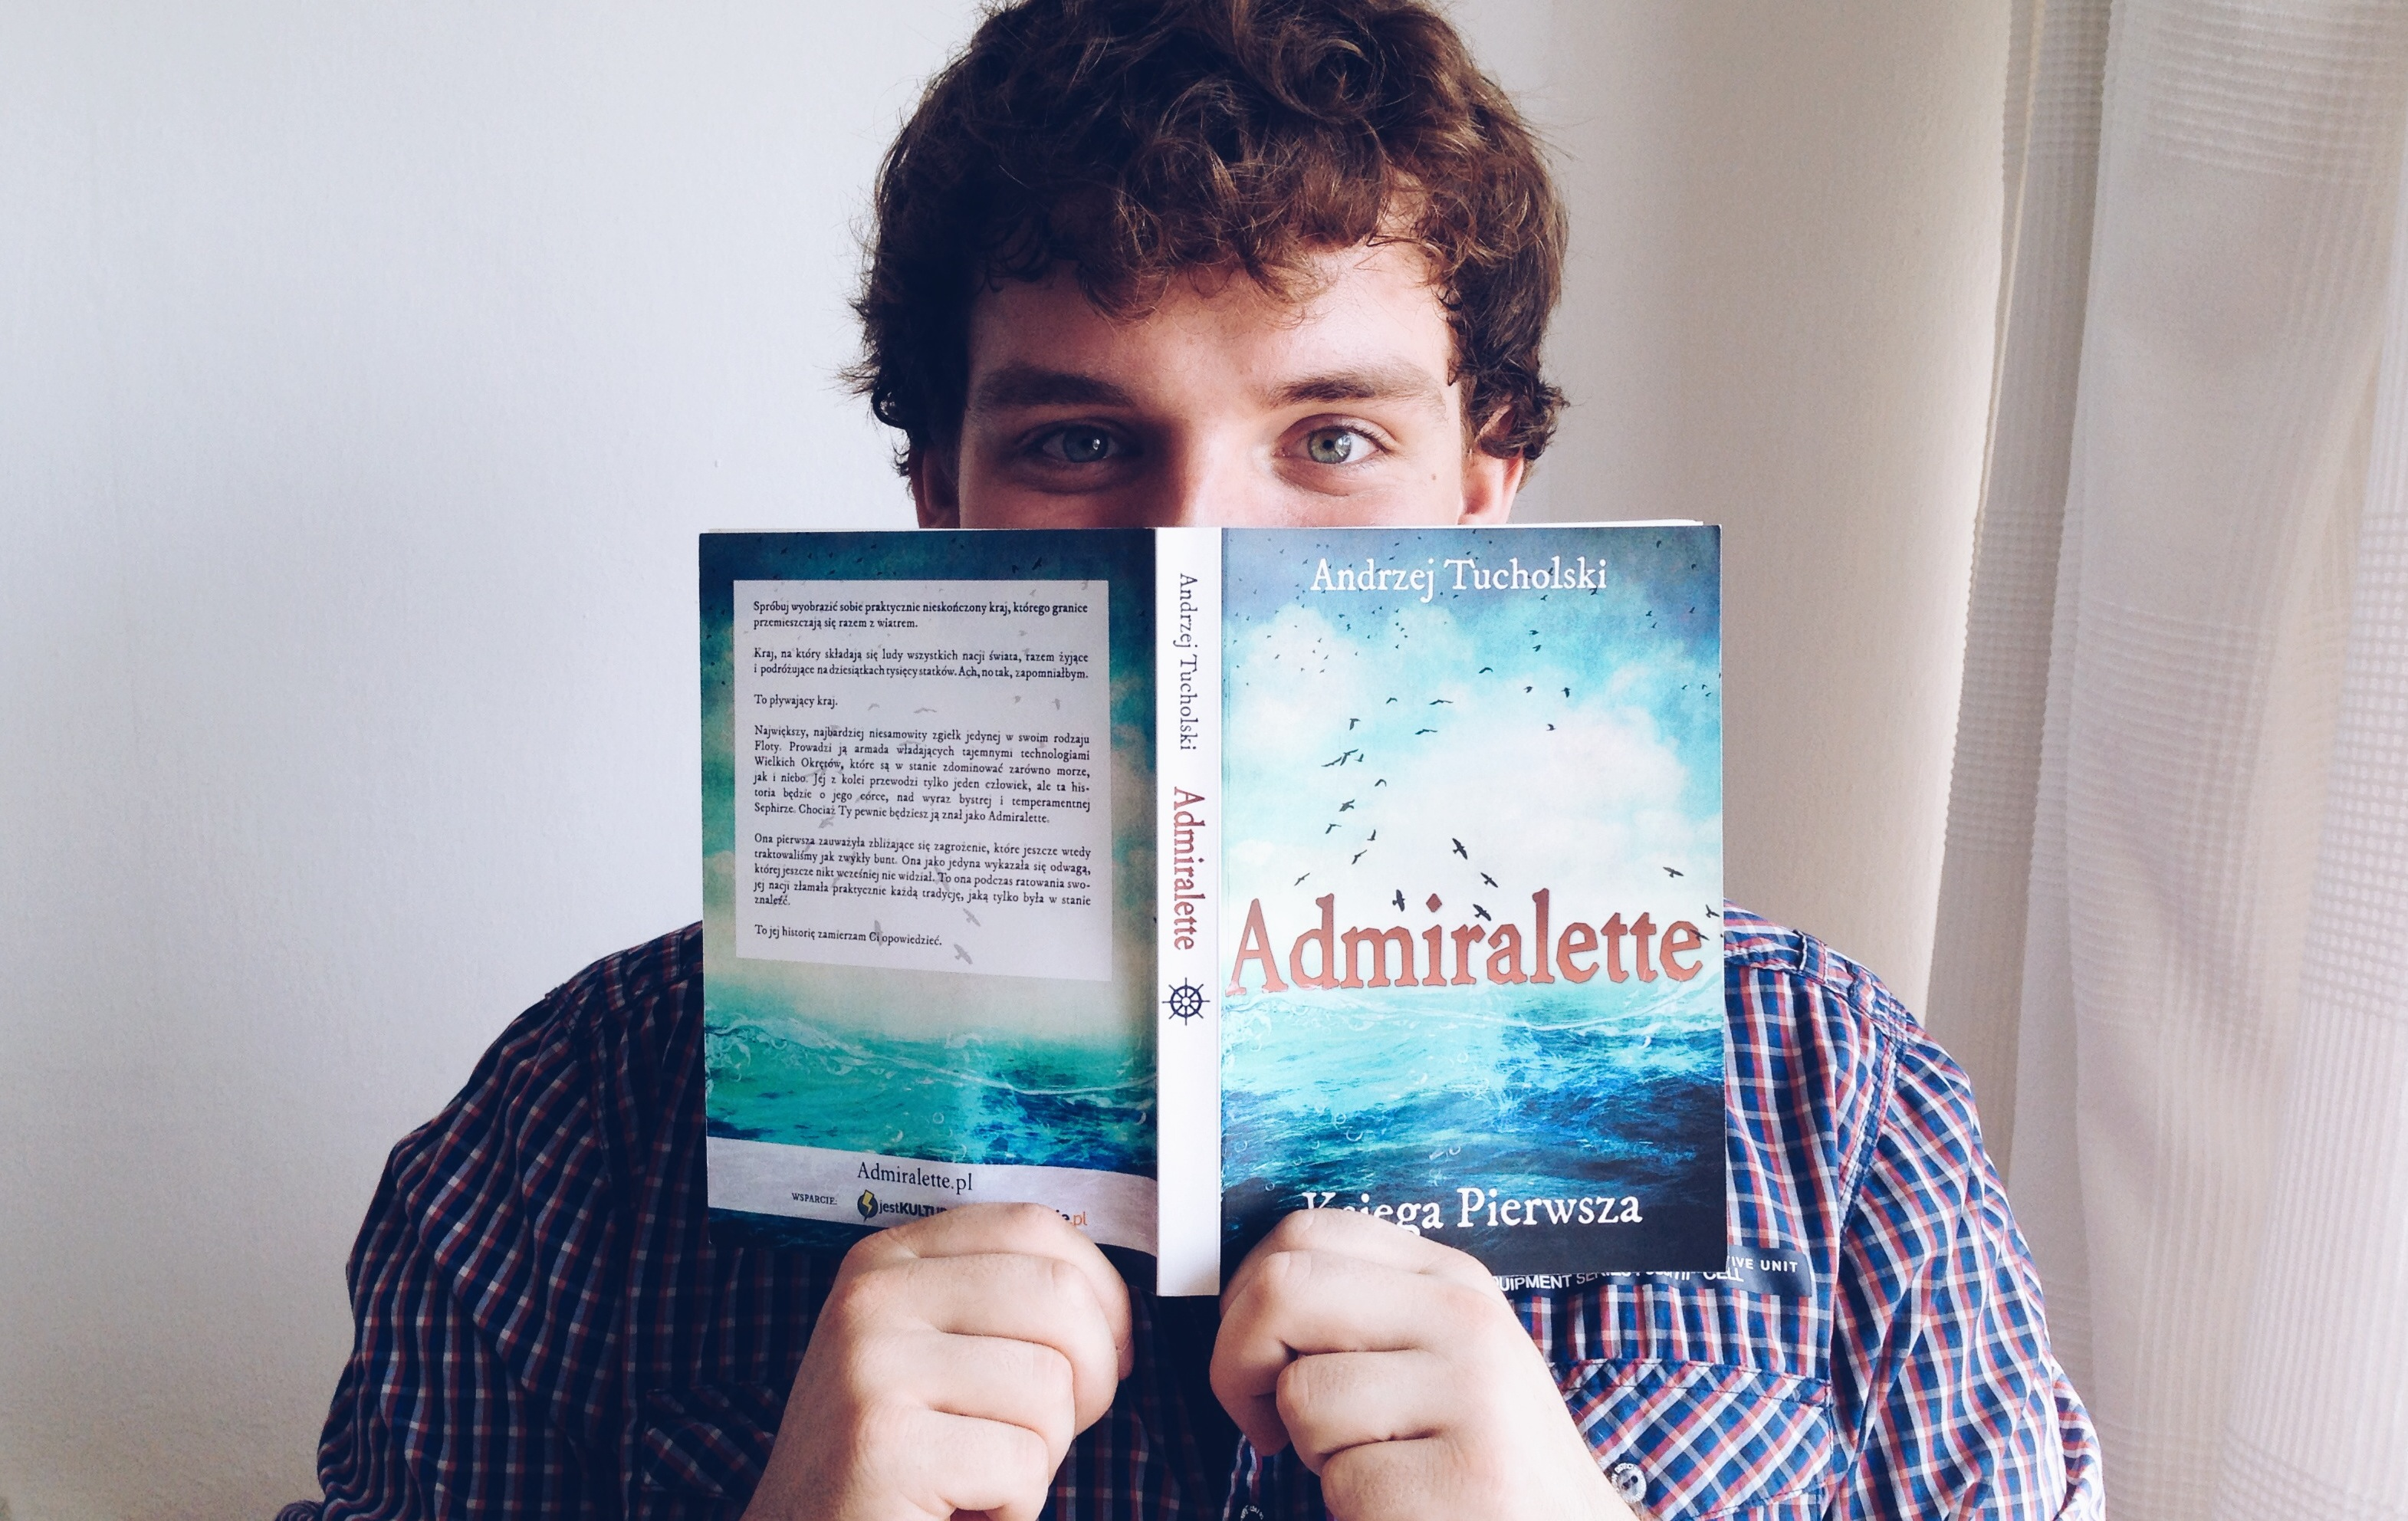 Admiralette - Andrzej Tucholski